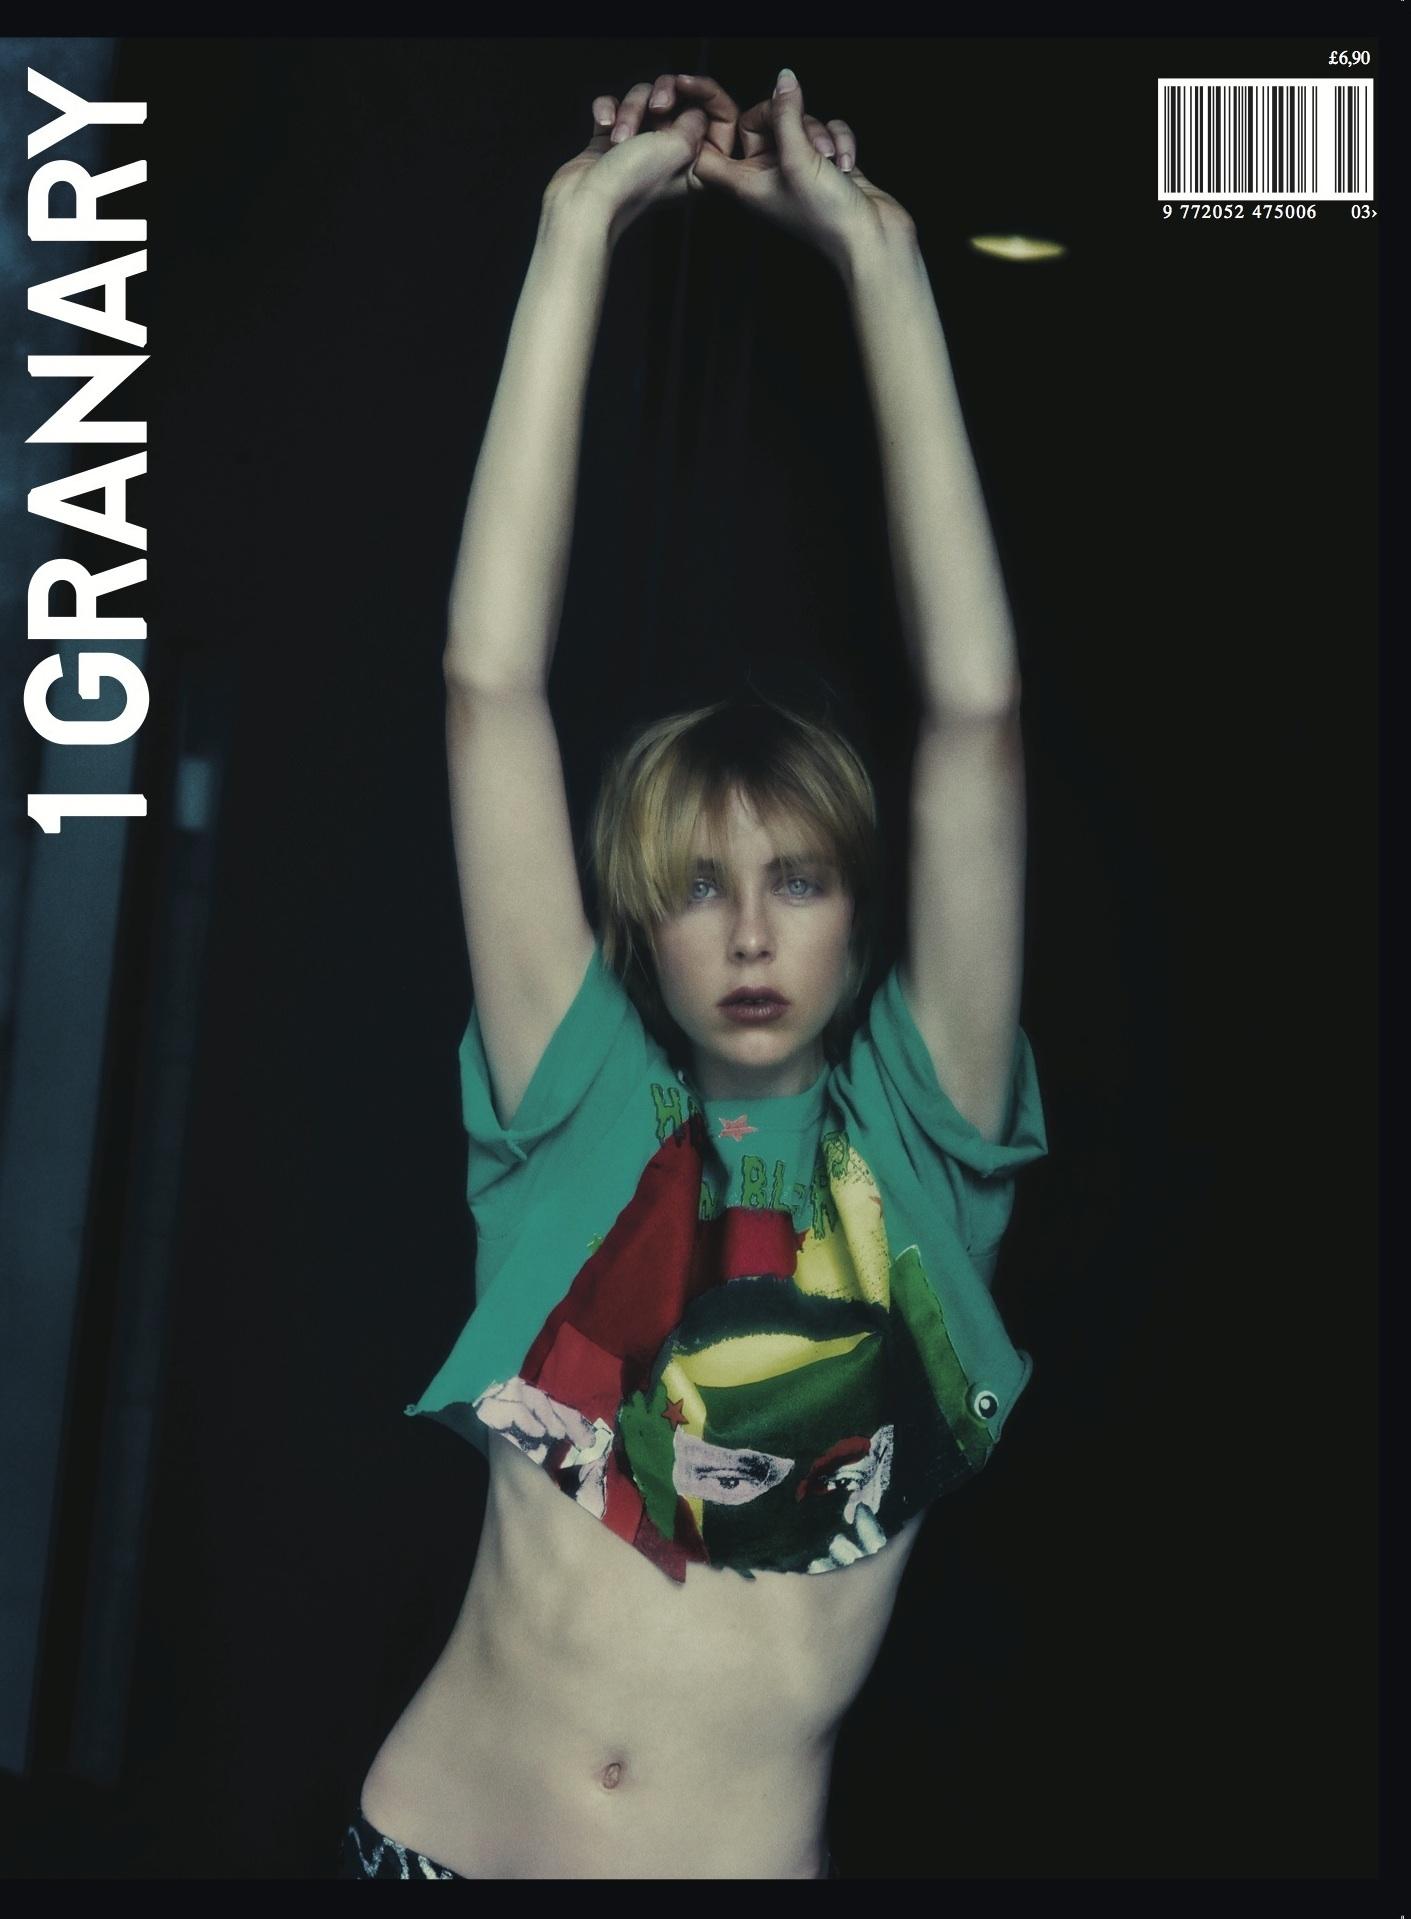 1 Granary, Issue 3, September 2015